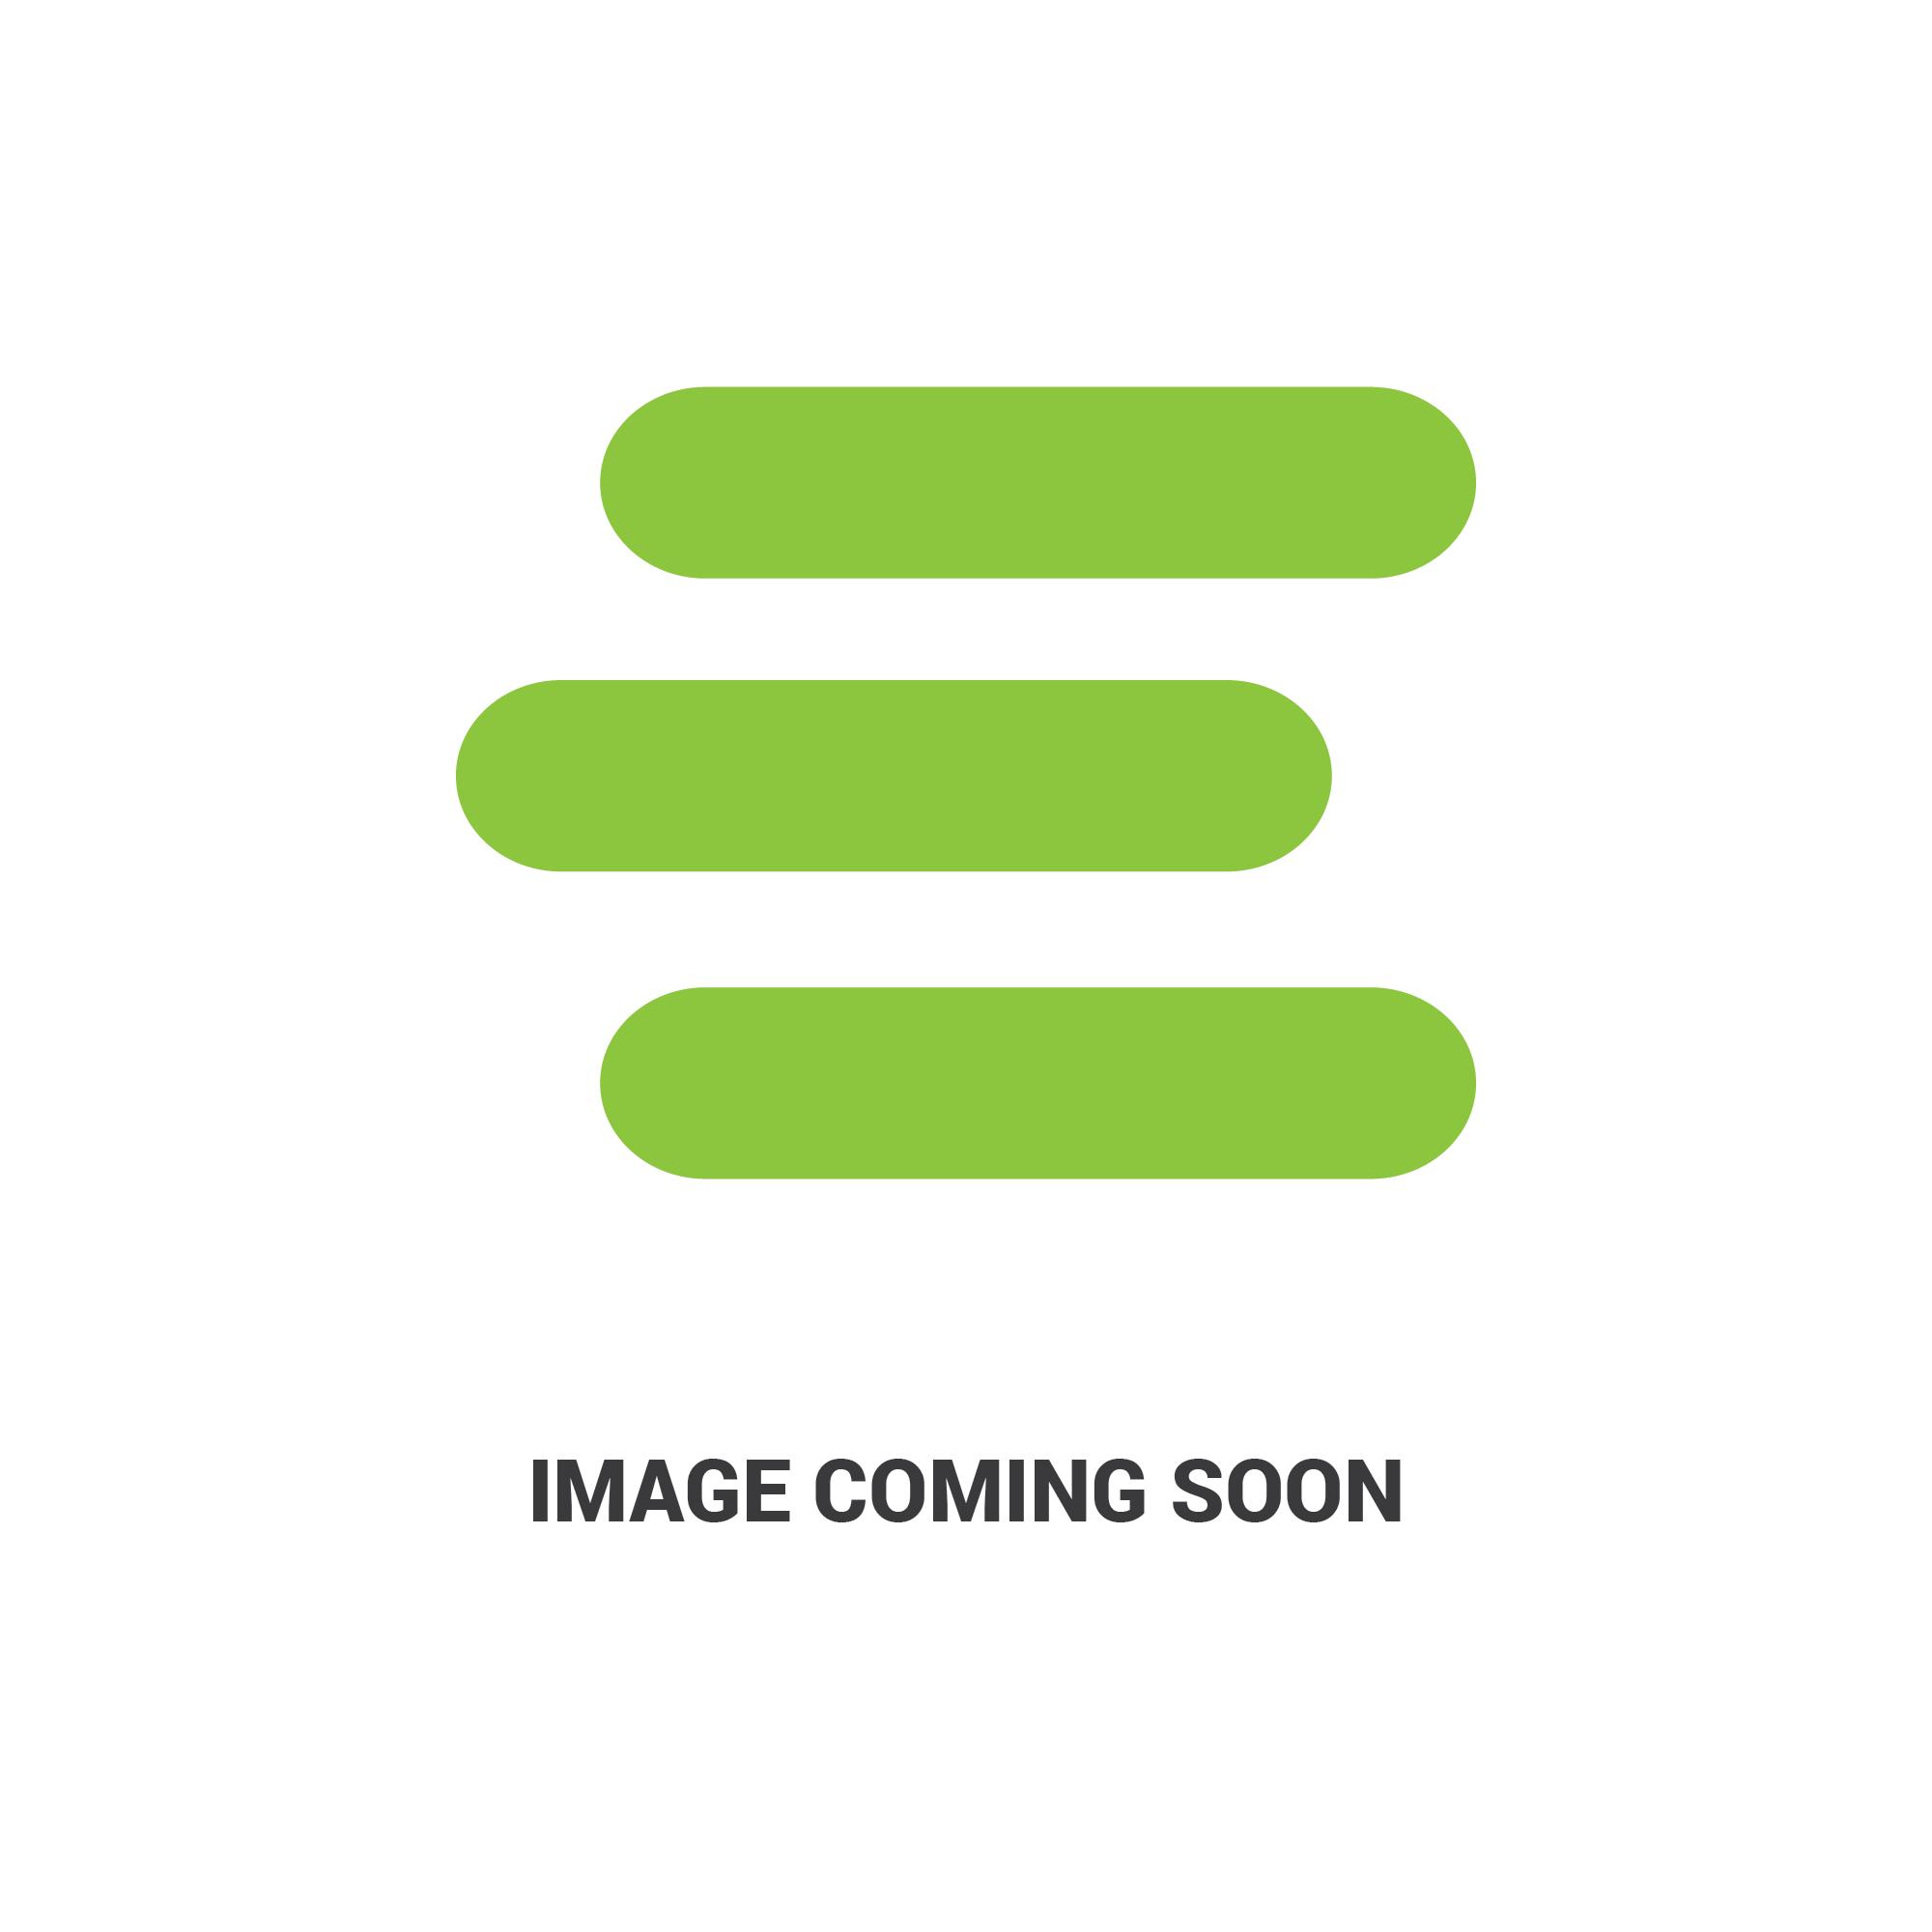 E-AL1106292068_1.jpg